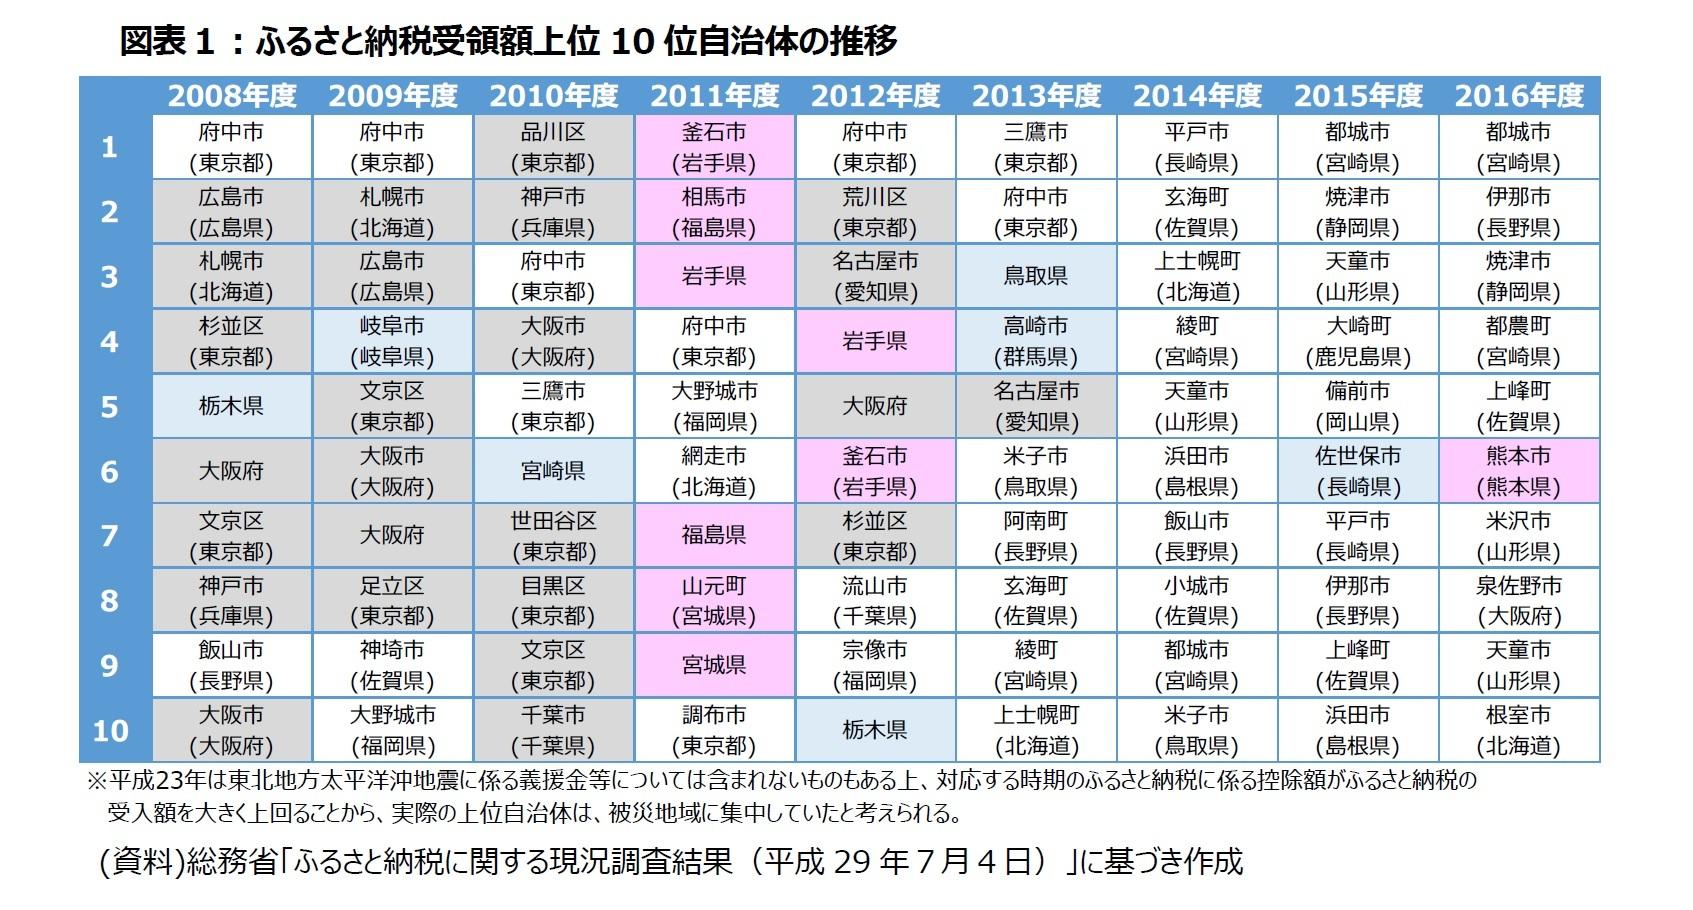 図表1:ふるさと納税受領額上位10位自治体の推移